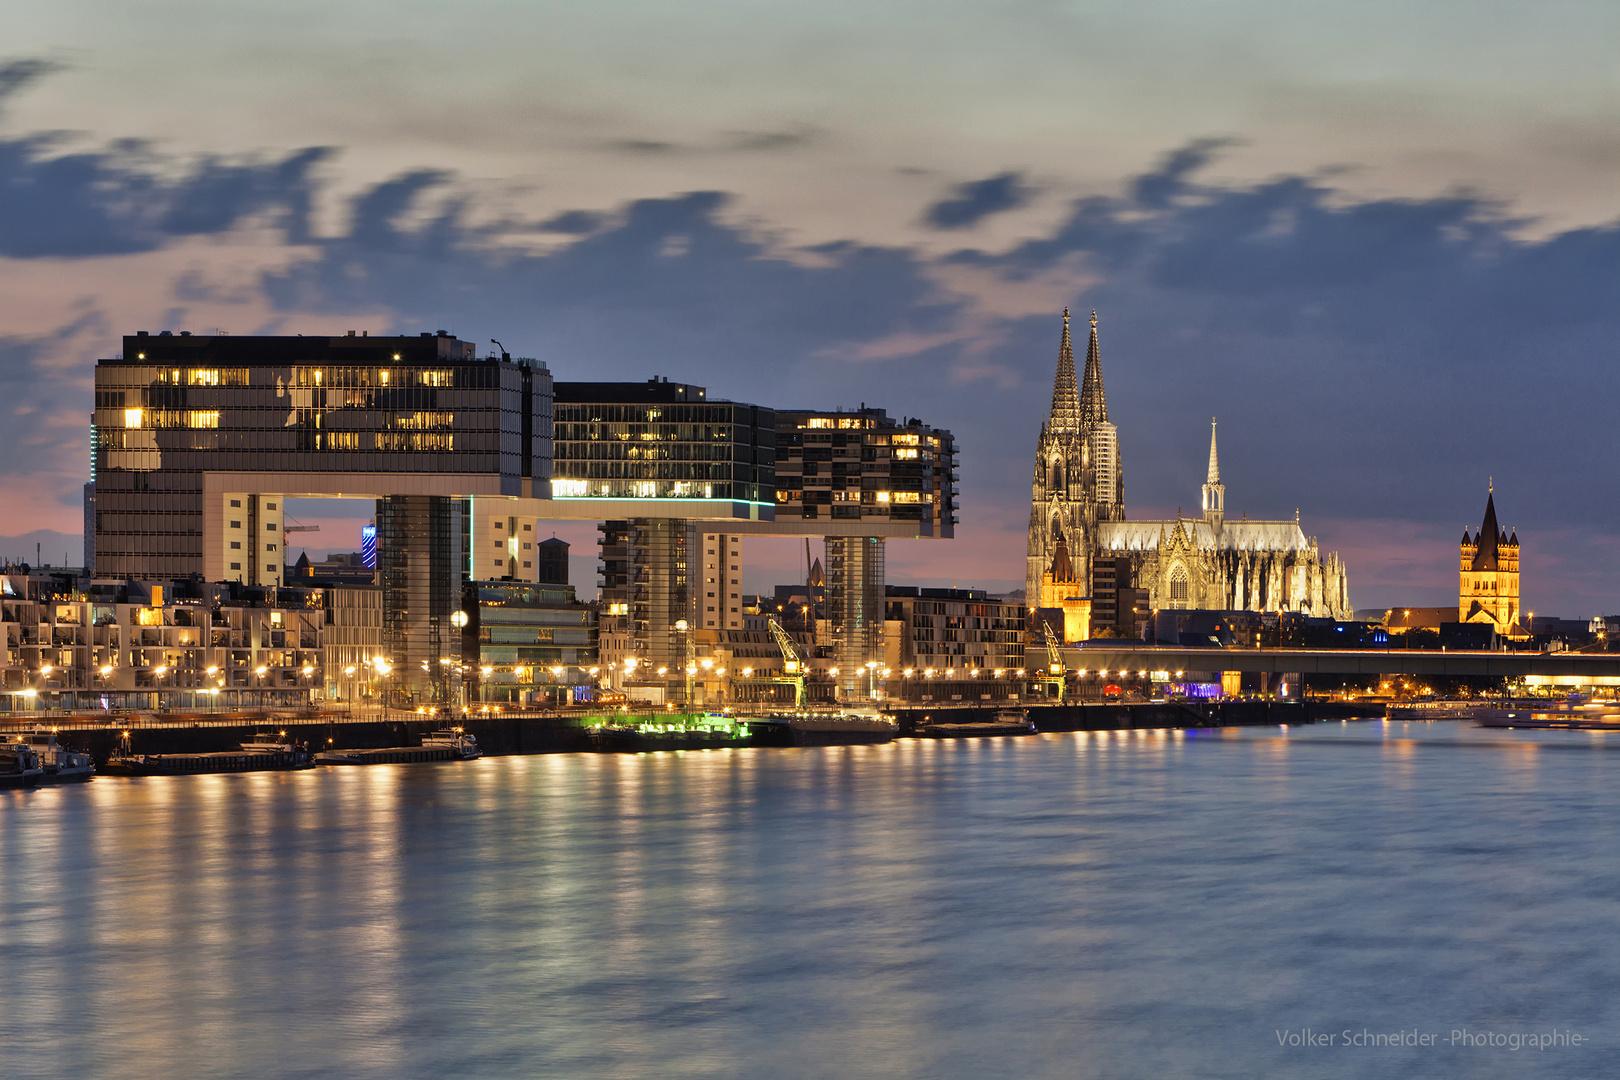 die Kranhäuser von Köln